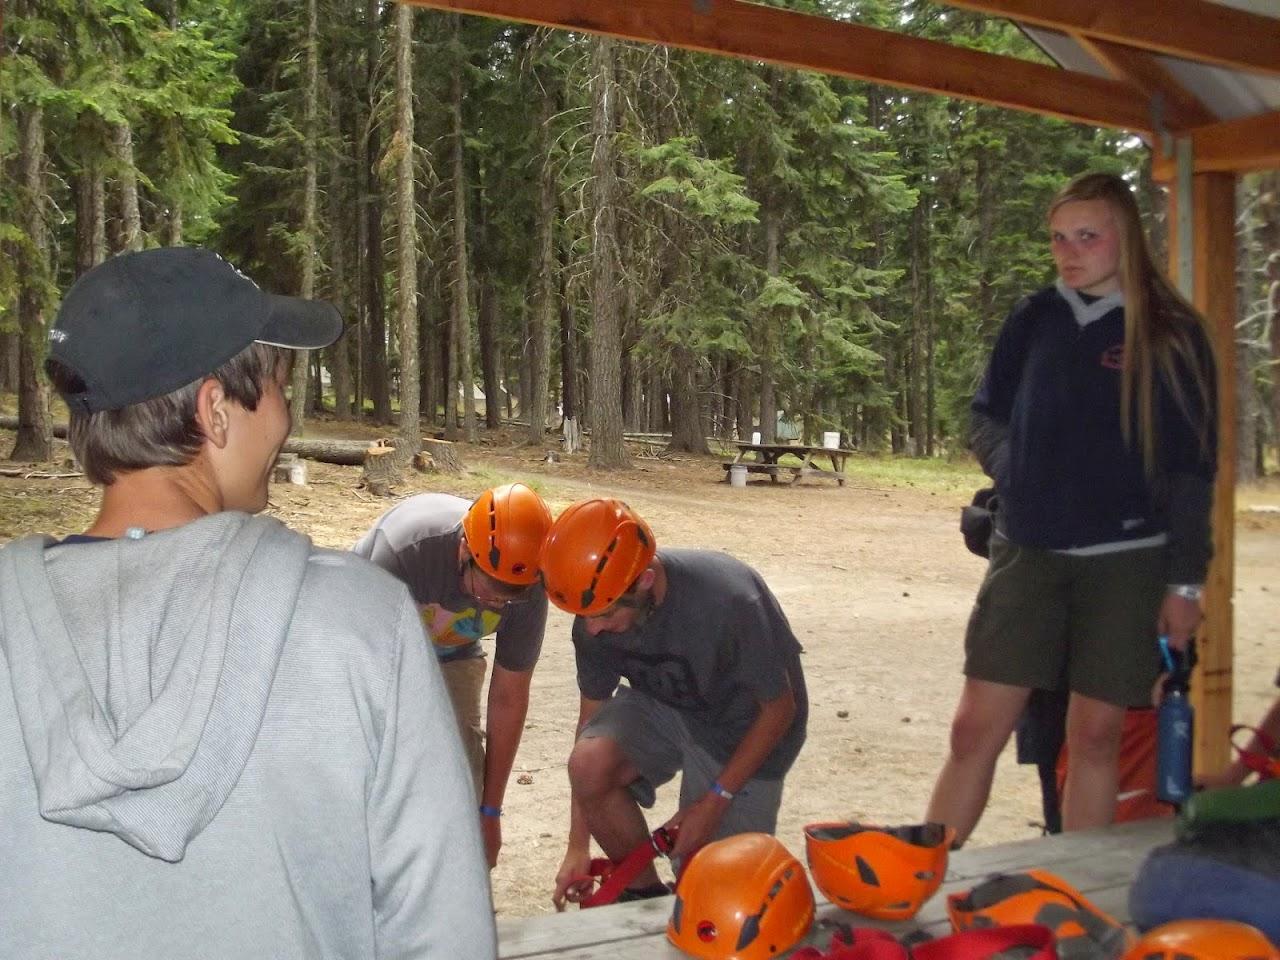 Camp Baldwin 2014 - DSCF3591.JPG